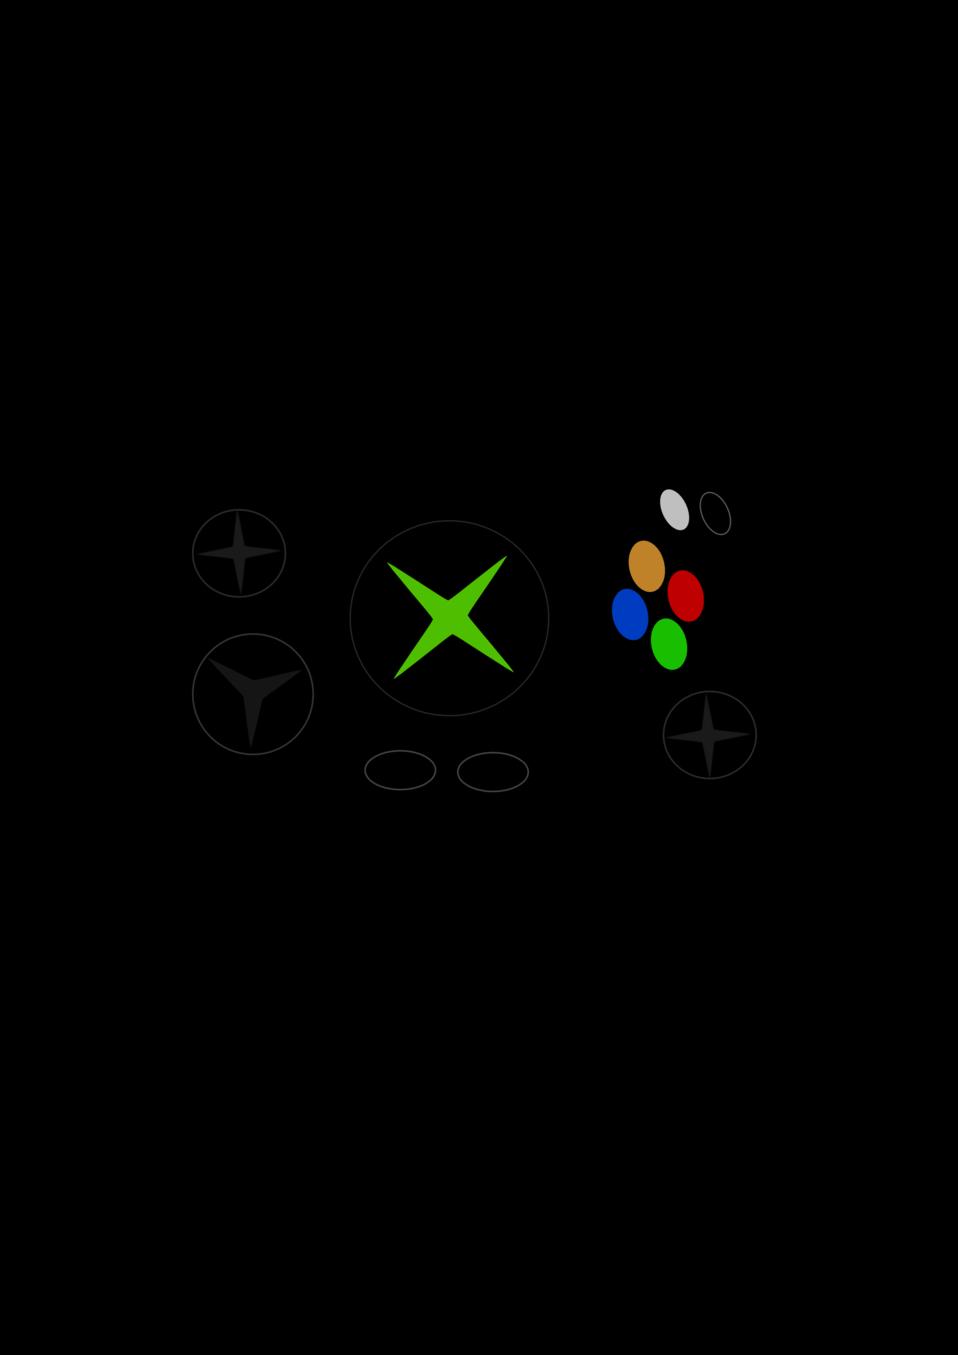 xbox-controller 01